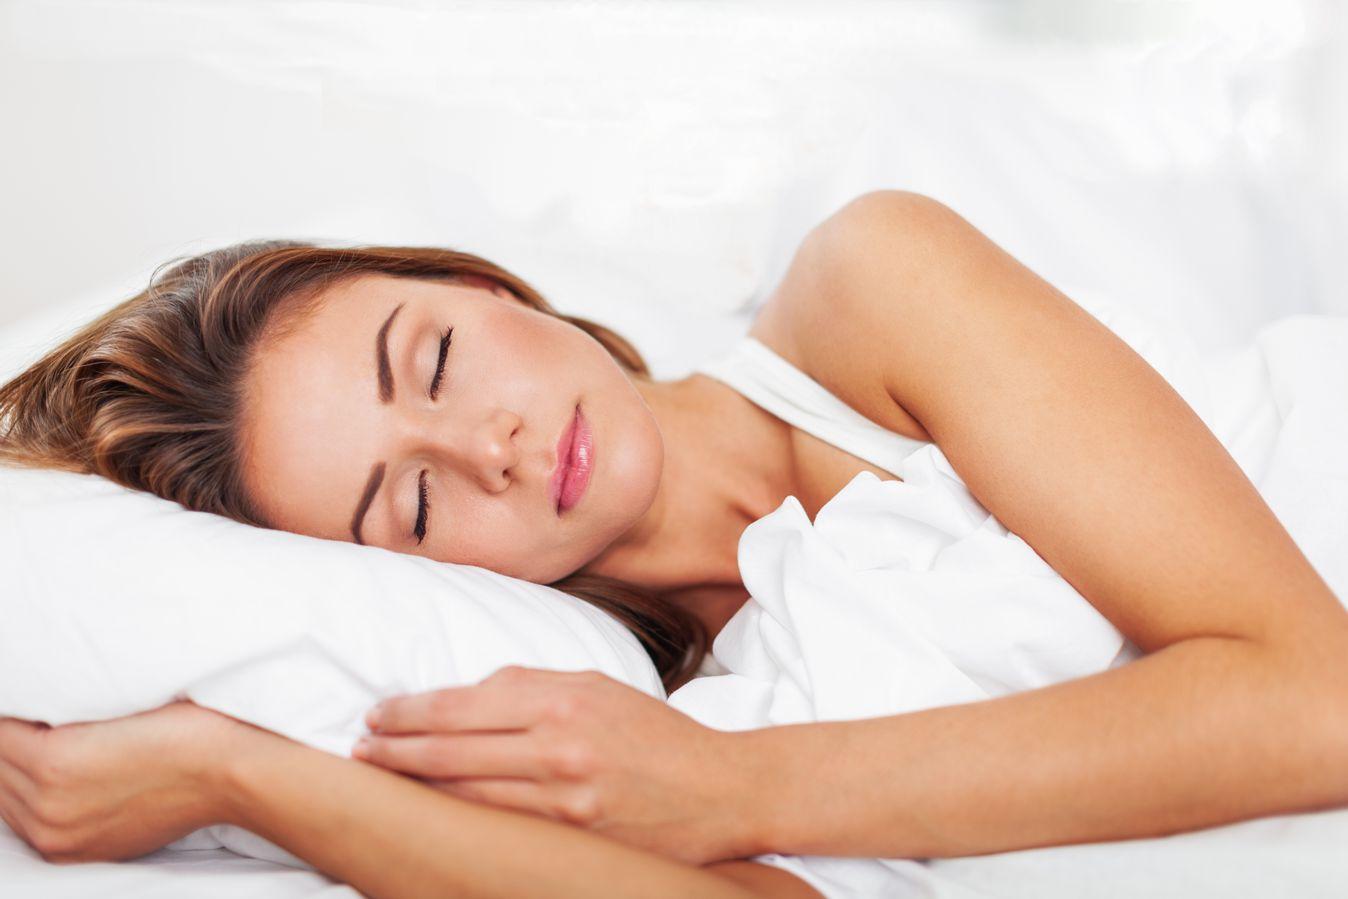 danke f r ihre matratzen empfehlungen wir bieten den. Black Bedroom Furniture Sets. Home Design Ideas